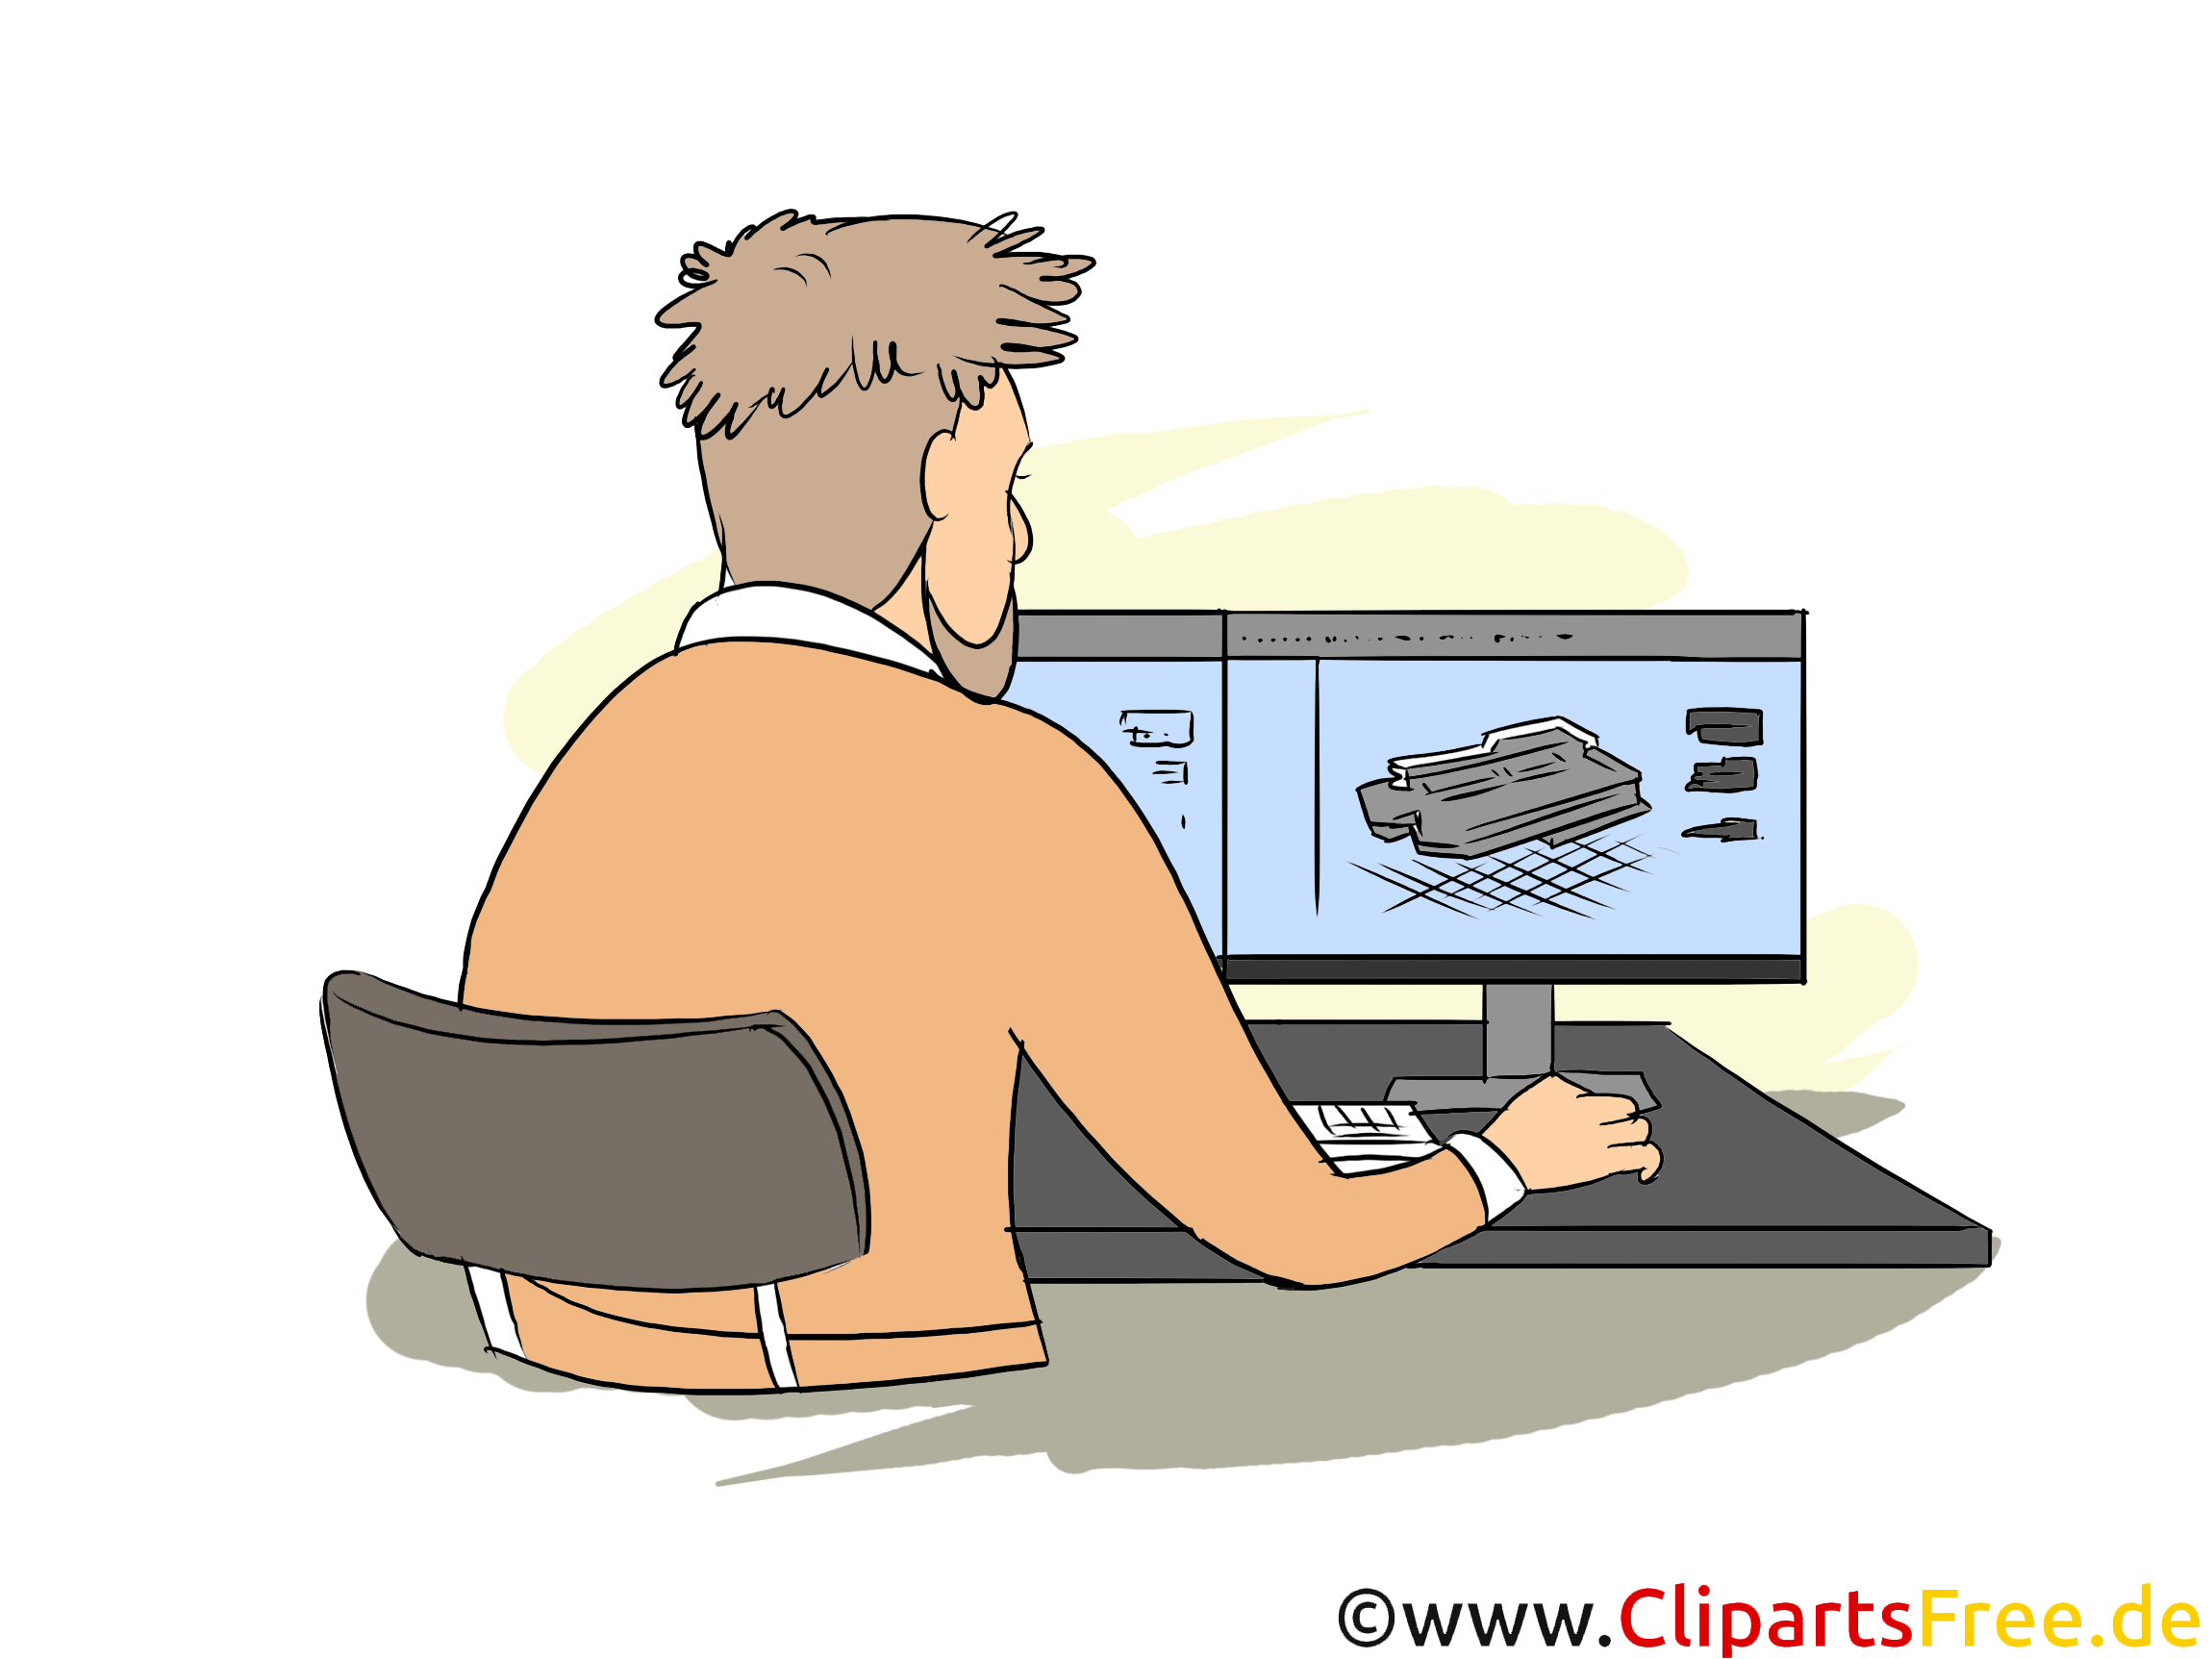 Technischer Systemplaner Ausbildung Clipart, Bild, Illustration